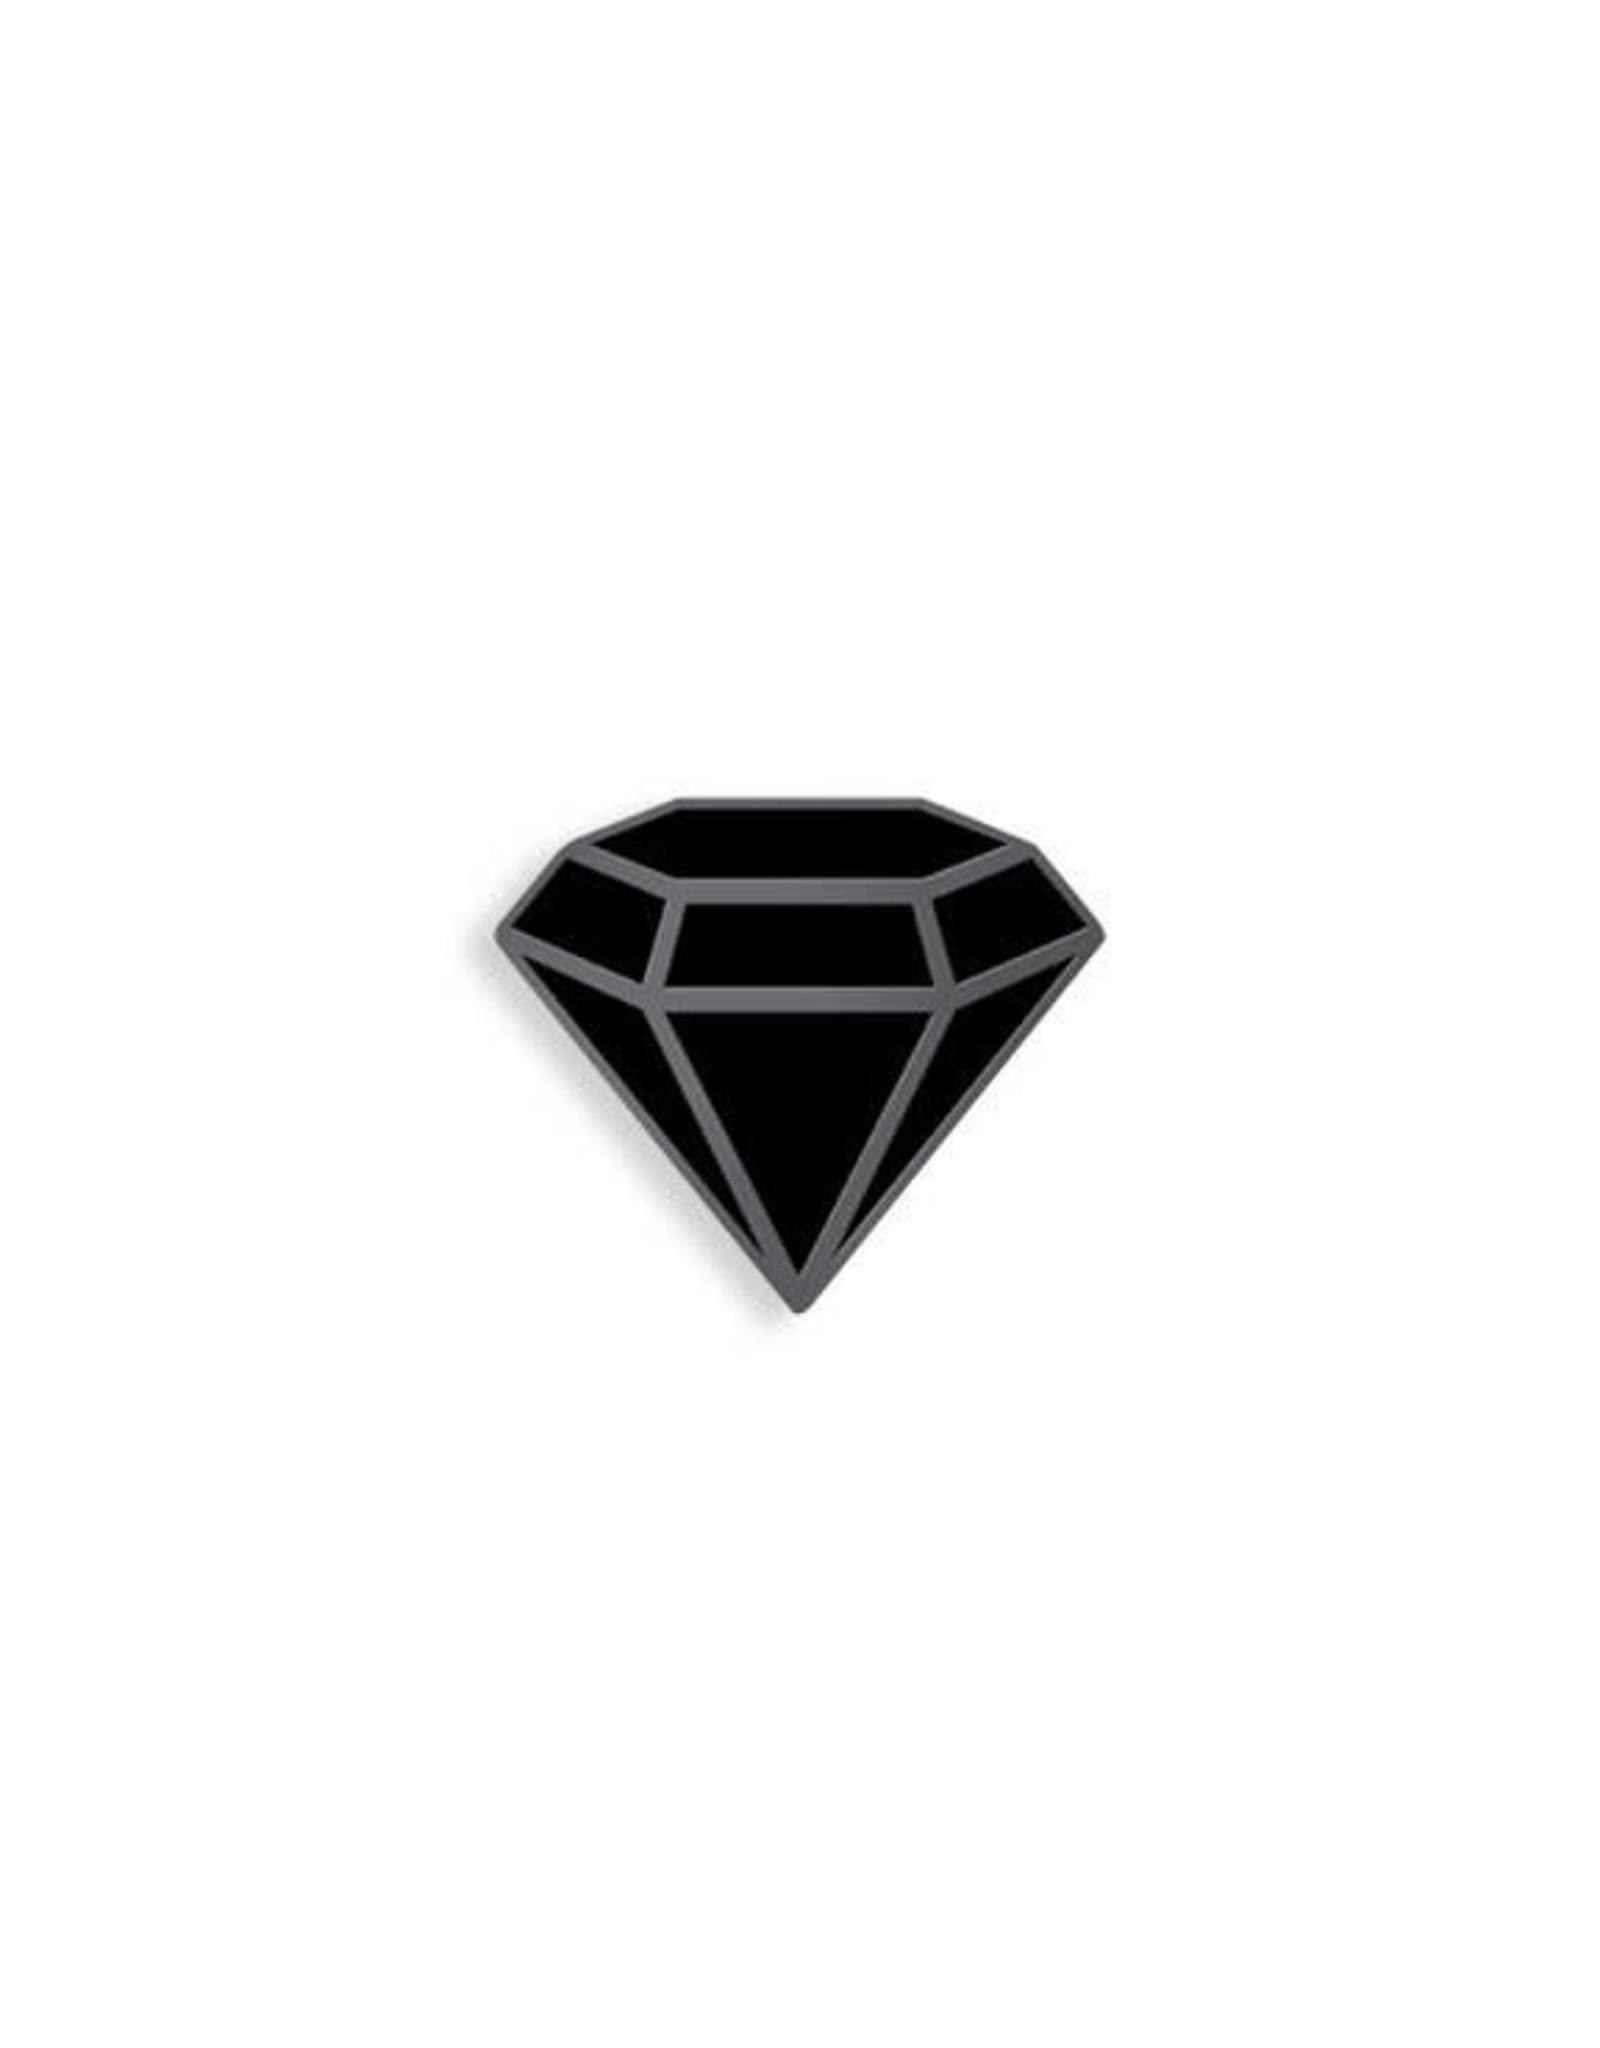 Enamel Pin Black Diamond Enamel Pin